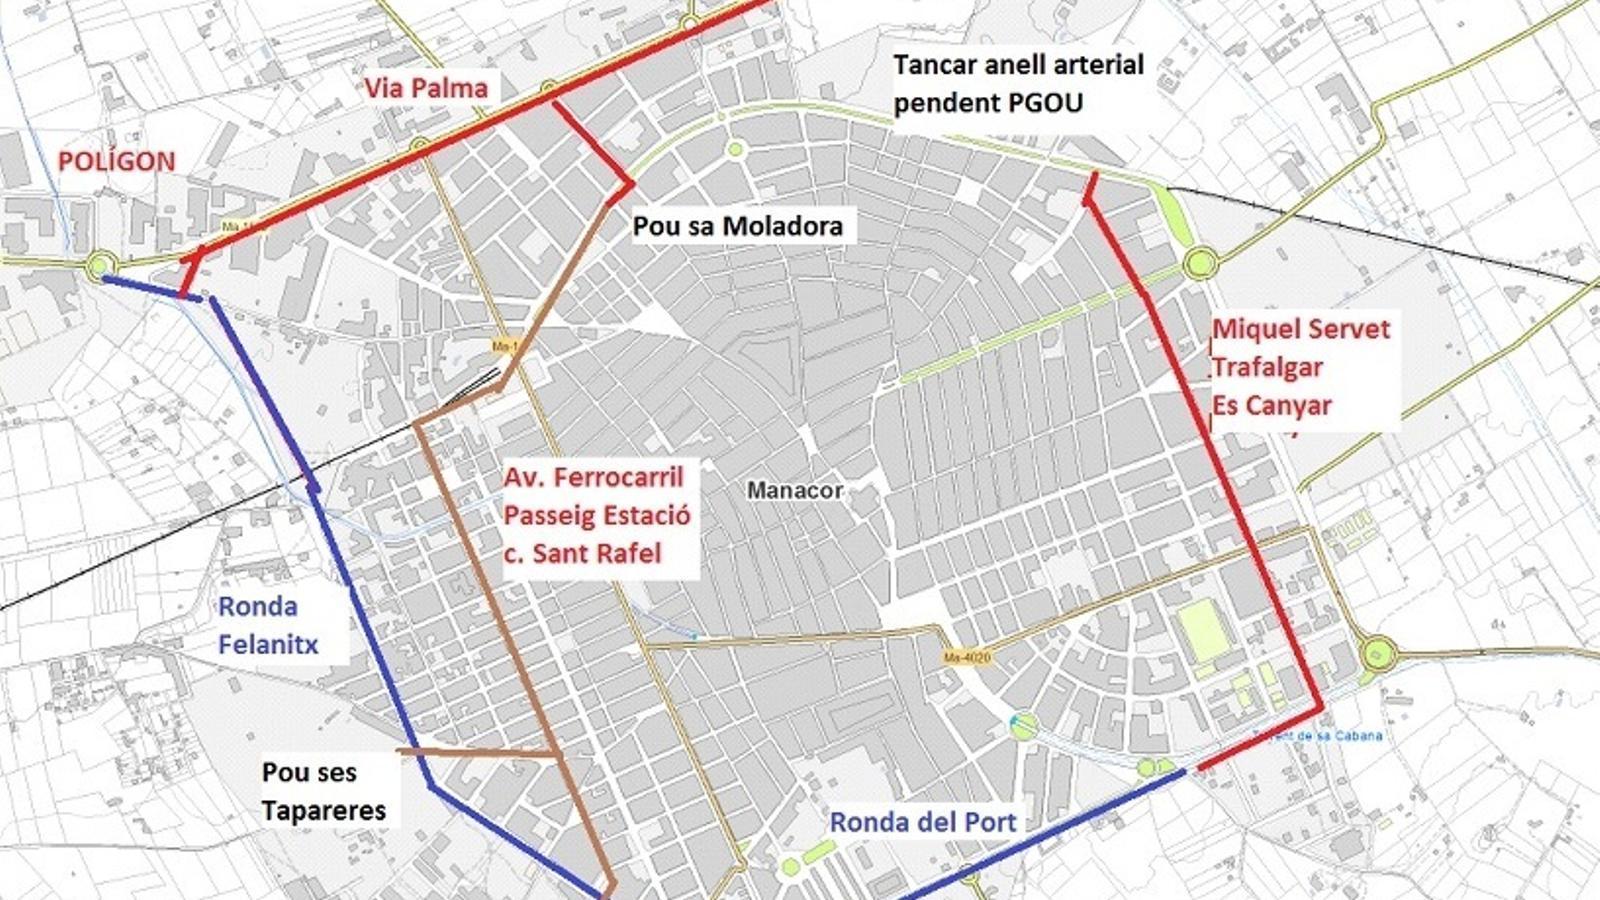 Mapa de distribució de les noves artèries que milloraran el subministrament a la població de Manacor.